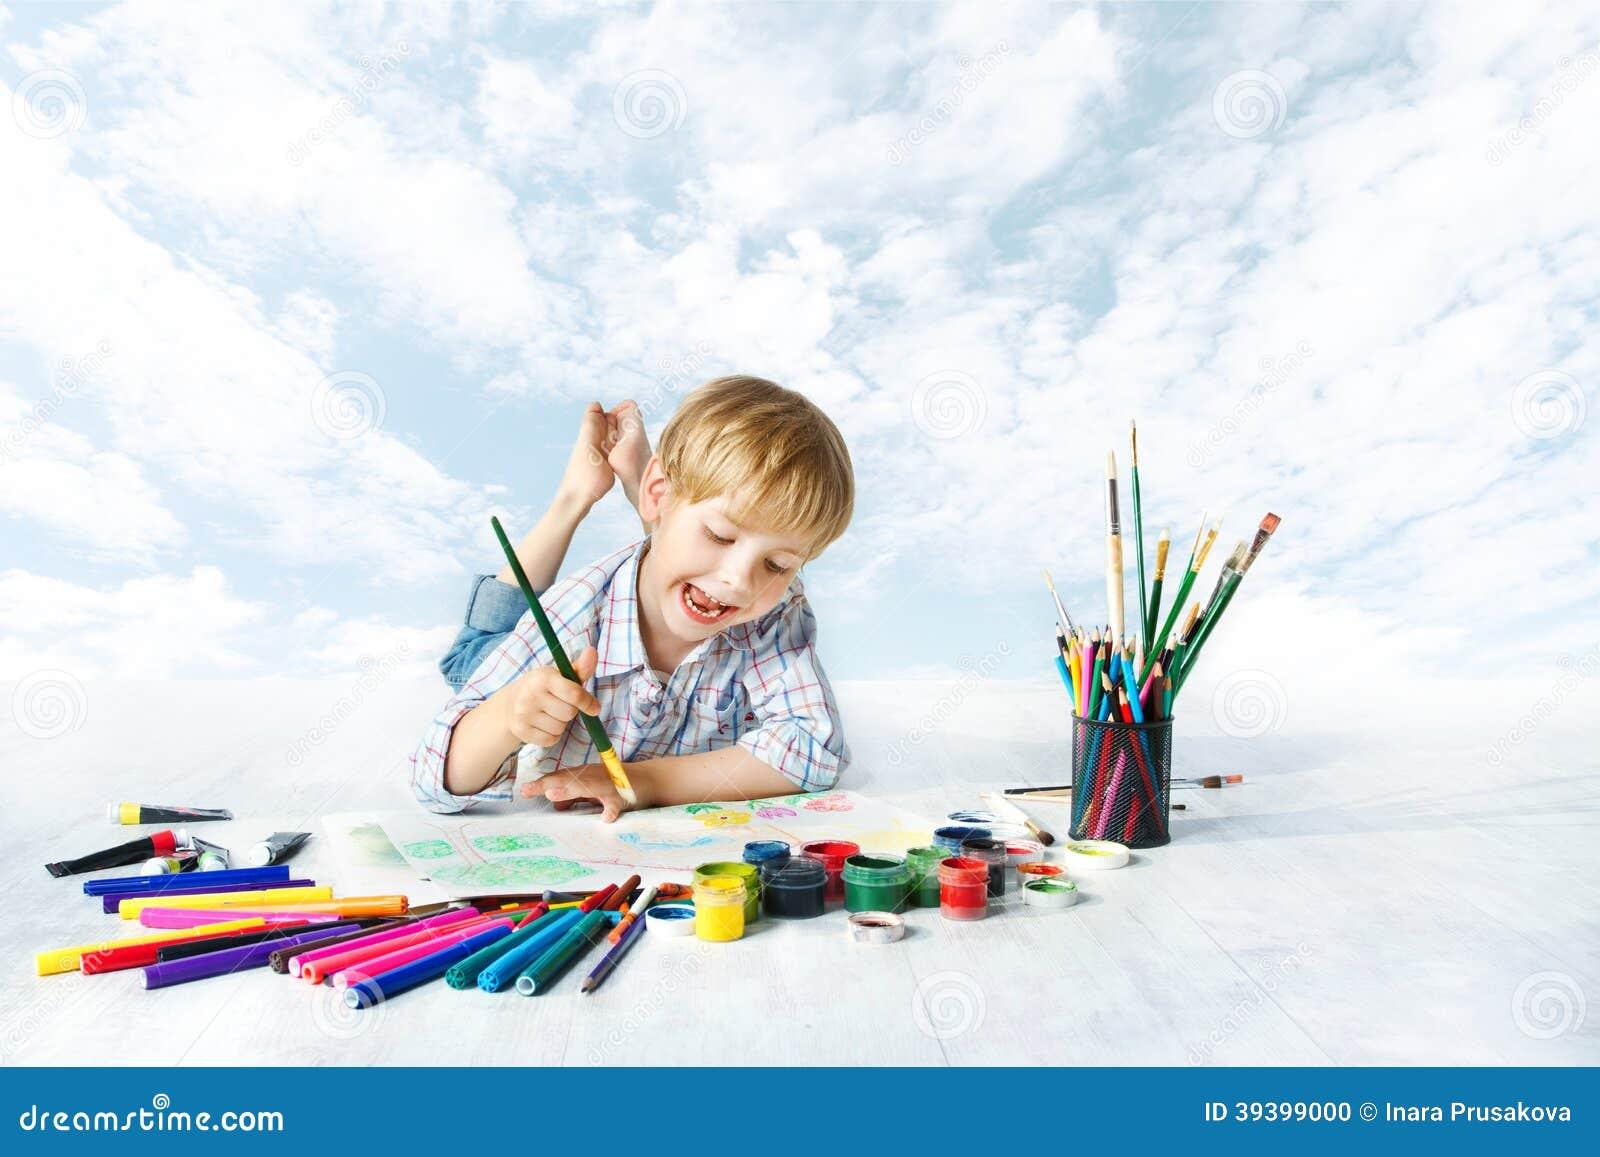 peinture d 39 enfant avec la brosse de couleur outils de dessin photo stock image du couleur. Black Bedroom Furniture Sets. Home Design Ideas